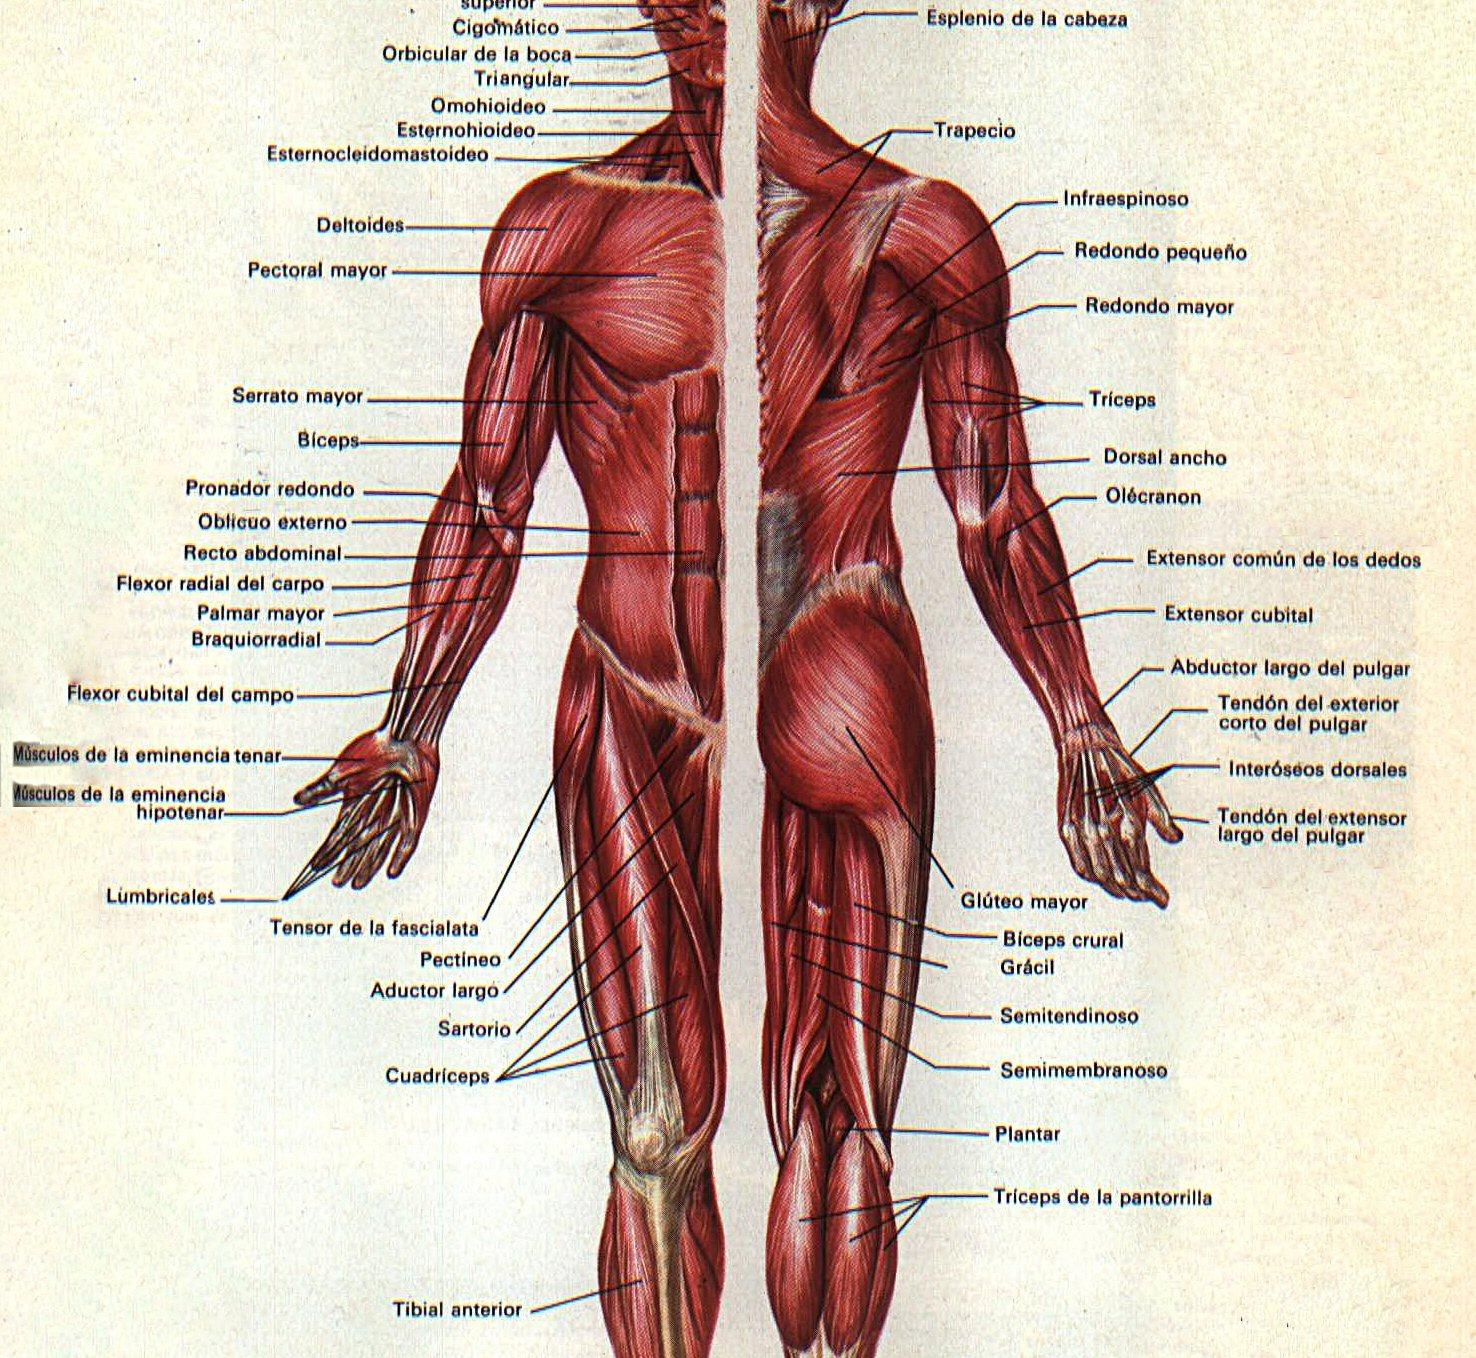 Vistoso Nombres Músculos De La Espalda Colección - Imágenes de ...